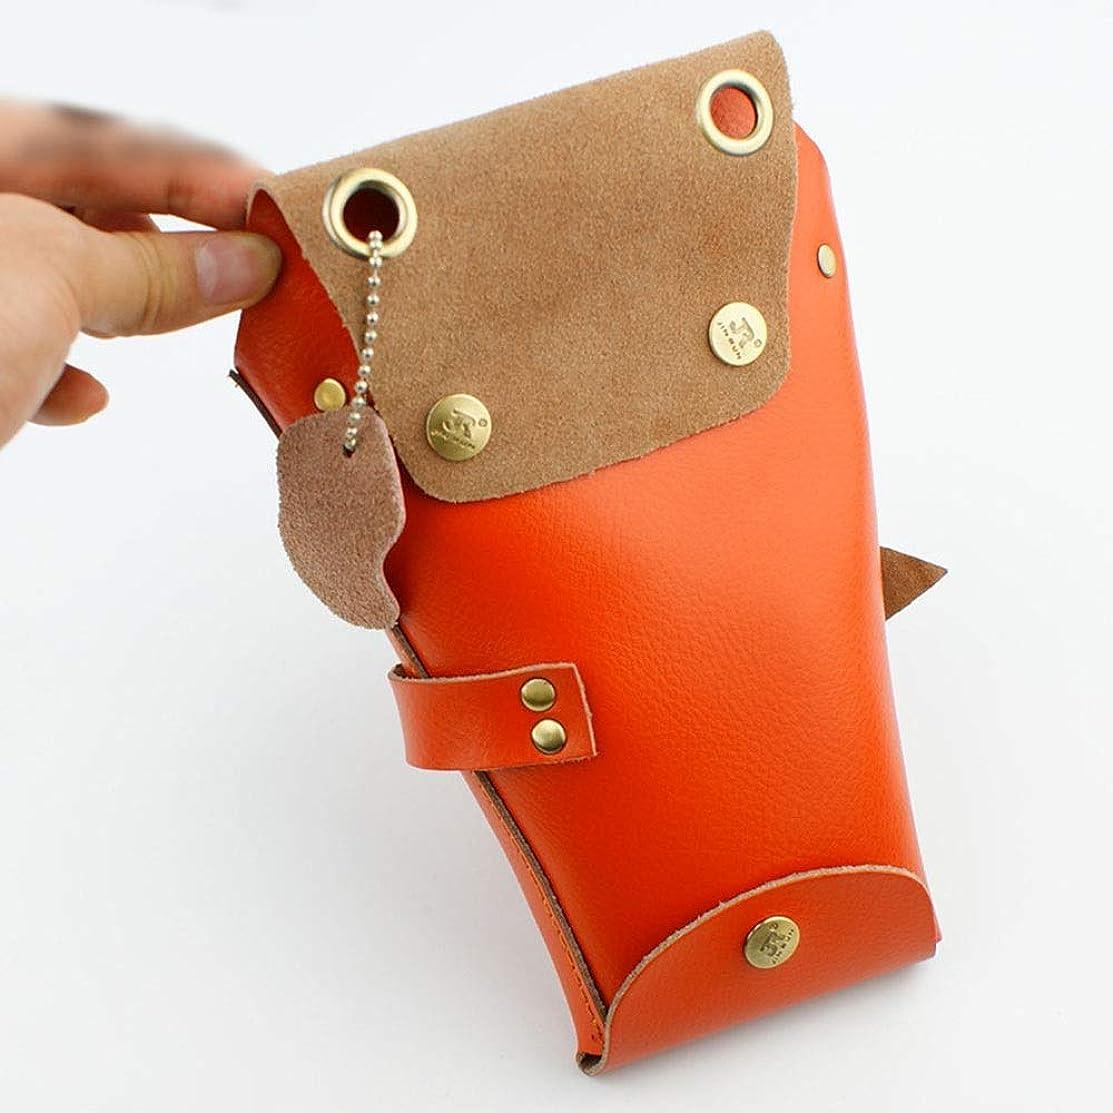 マサッチョみなすピンJPAKIOS 美容ヘアスタイリストのホルスターの袋、ベルトが付いている理髪師の櫛はさみのホルスター (色 : オレンジ)